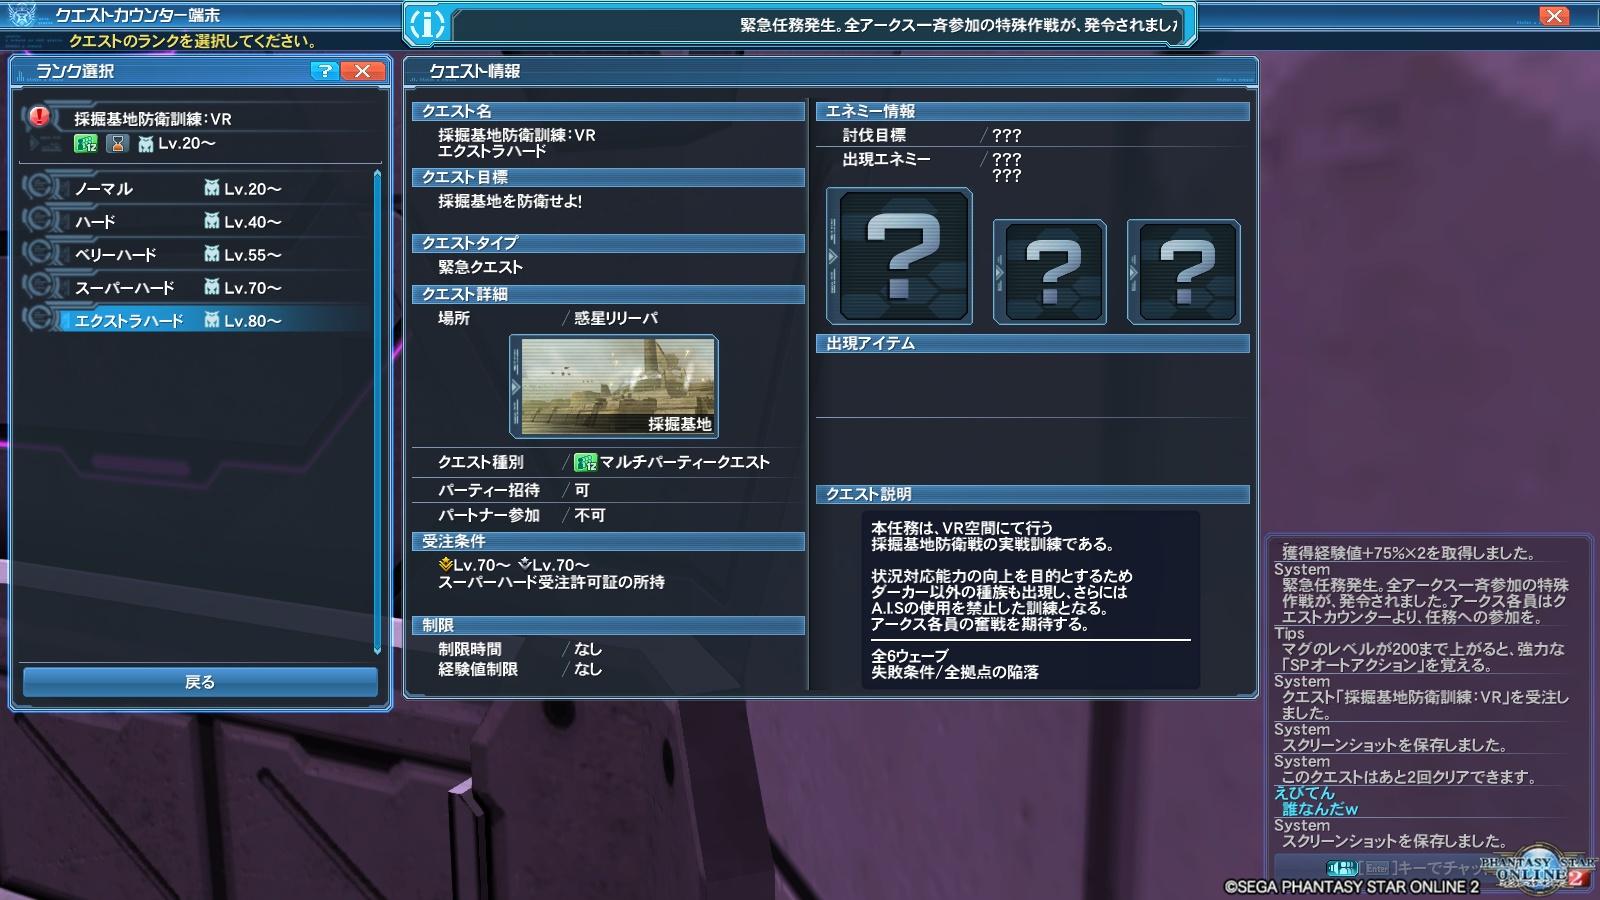 採掘基地防衛戦:VR